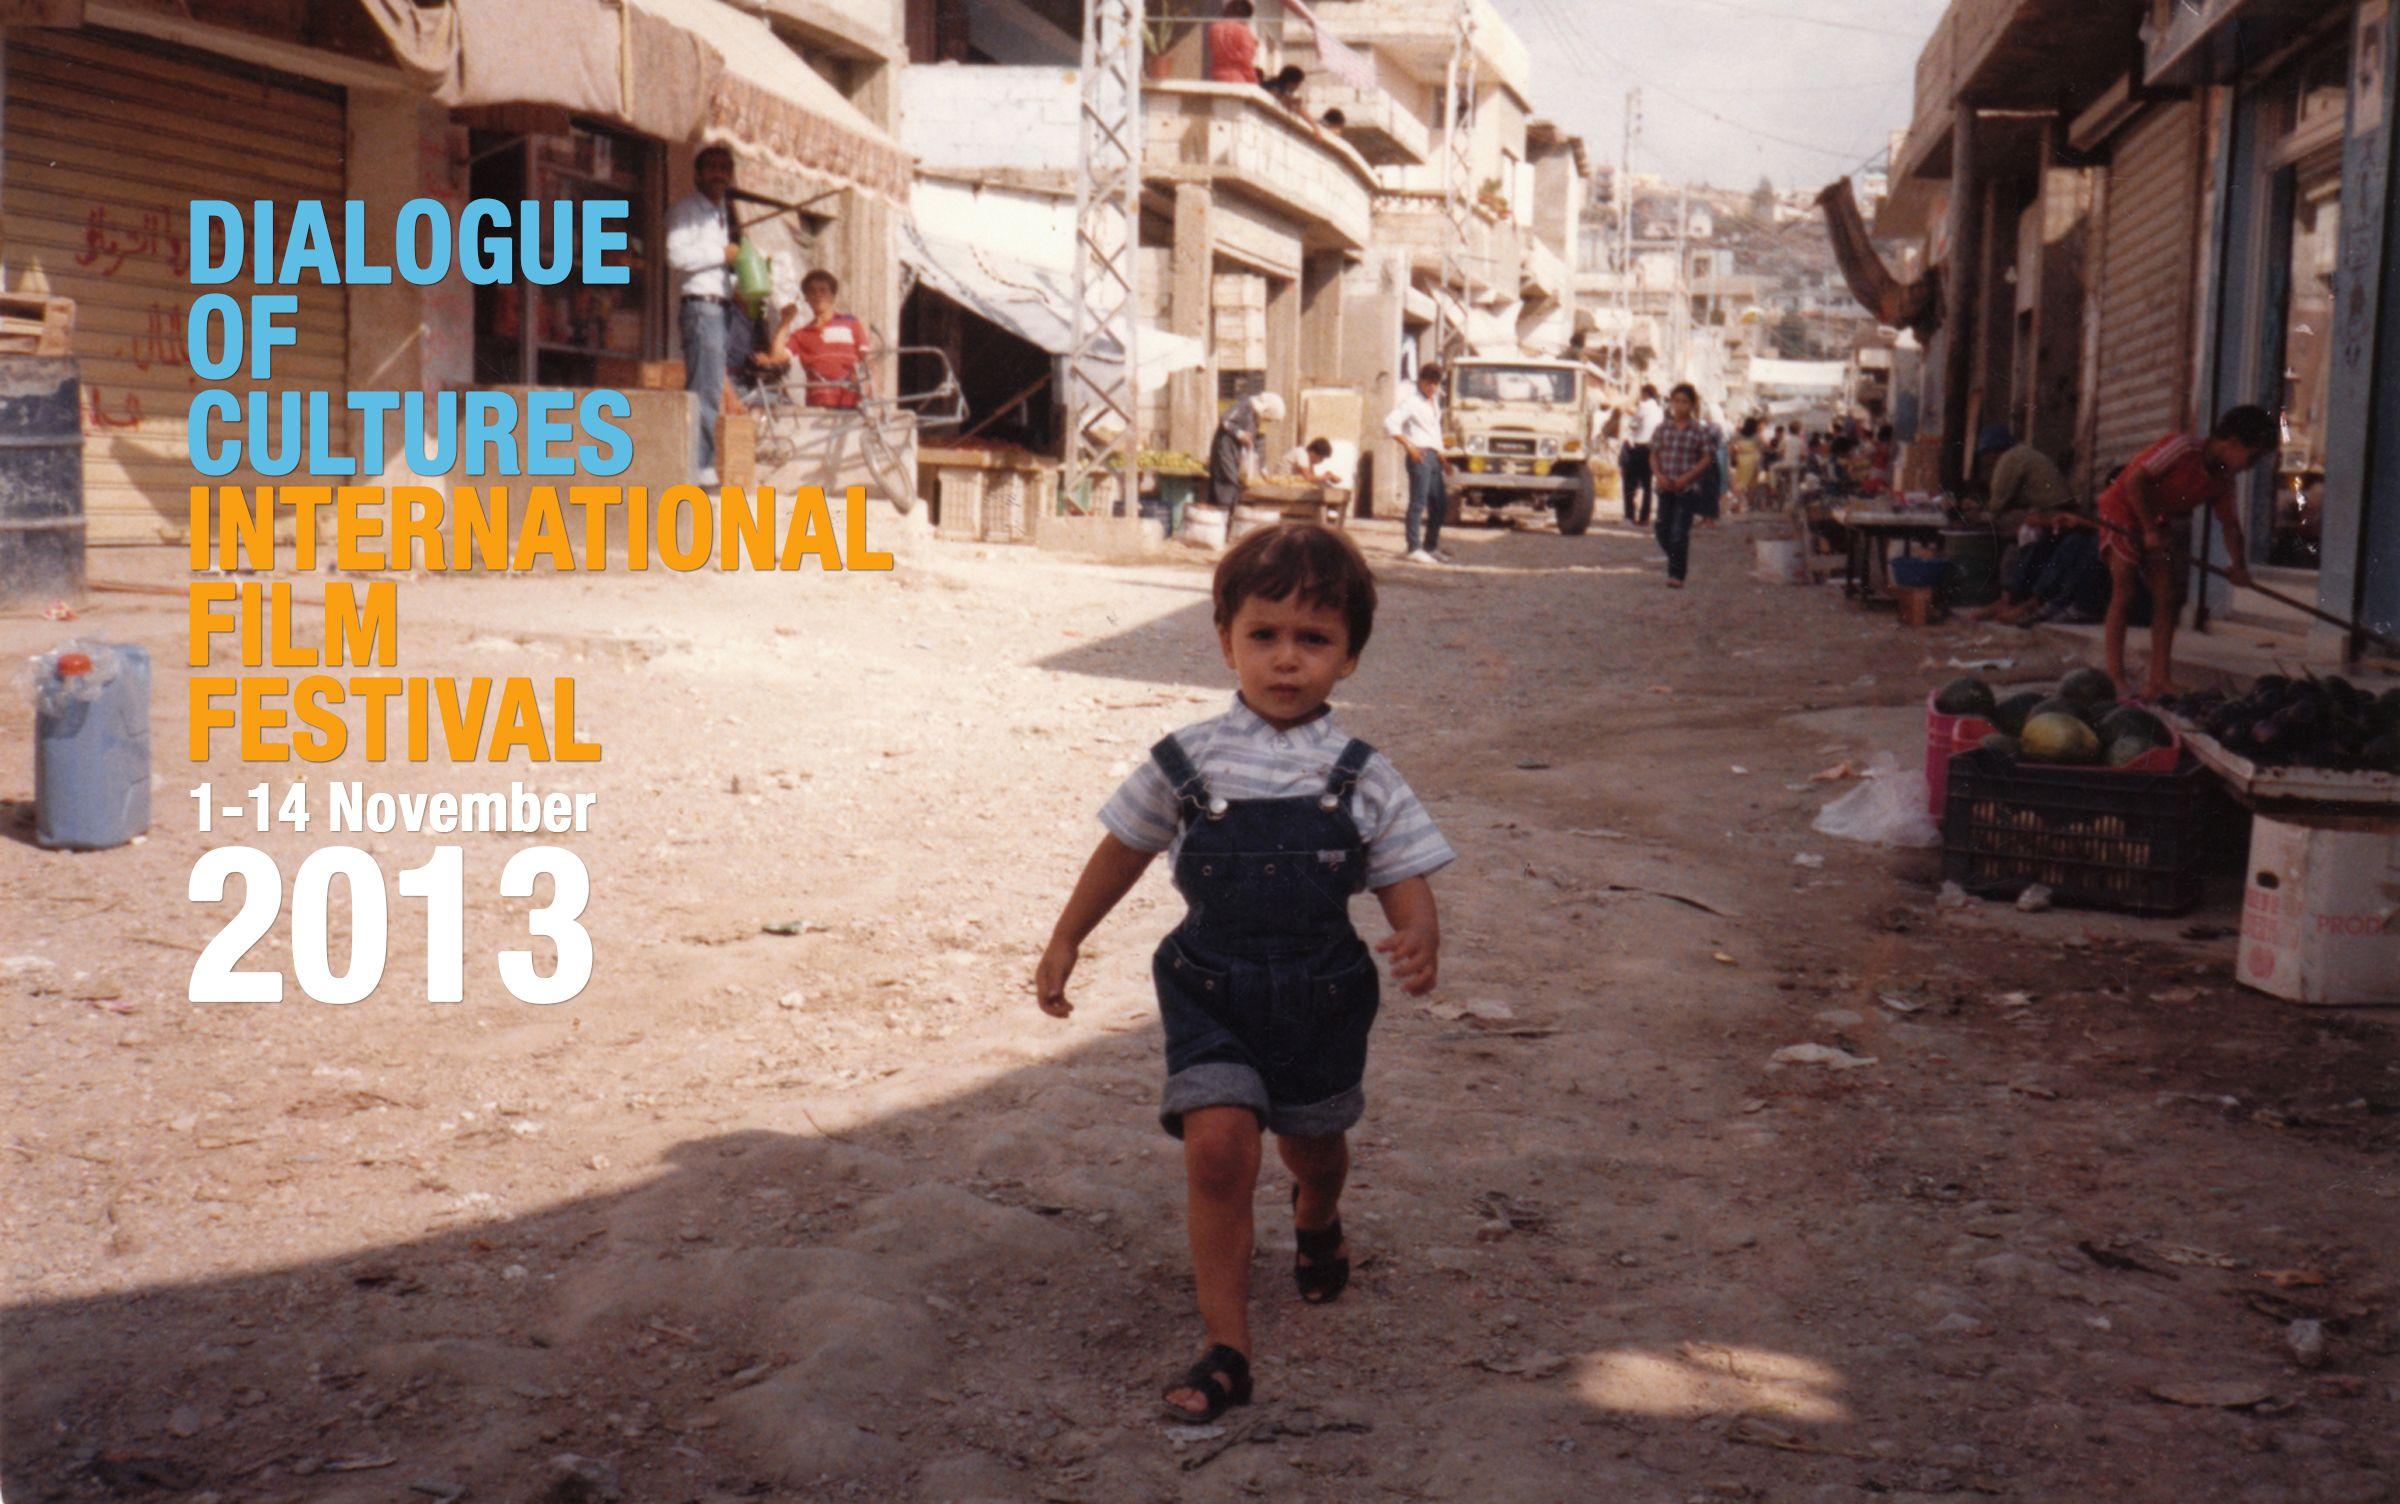 DIalogue of Cultures International Film Festival 2013 (1-14 November 2013)